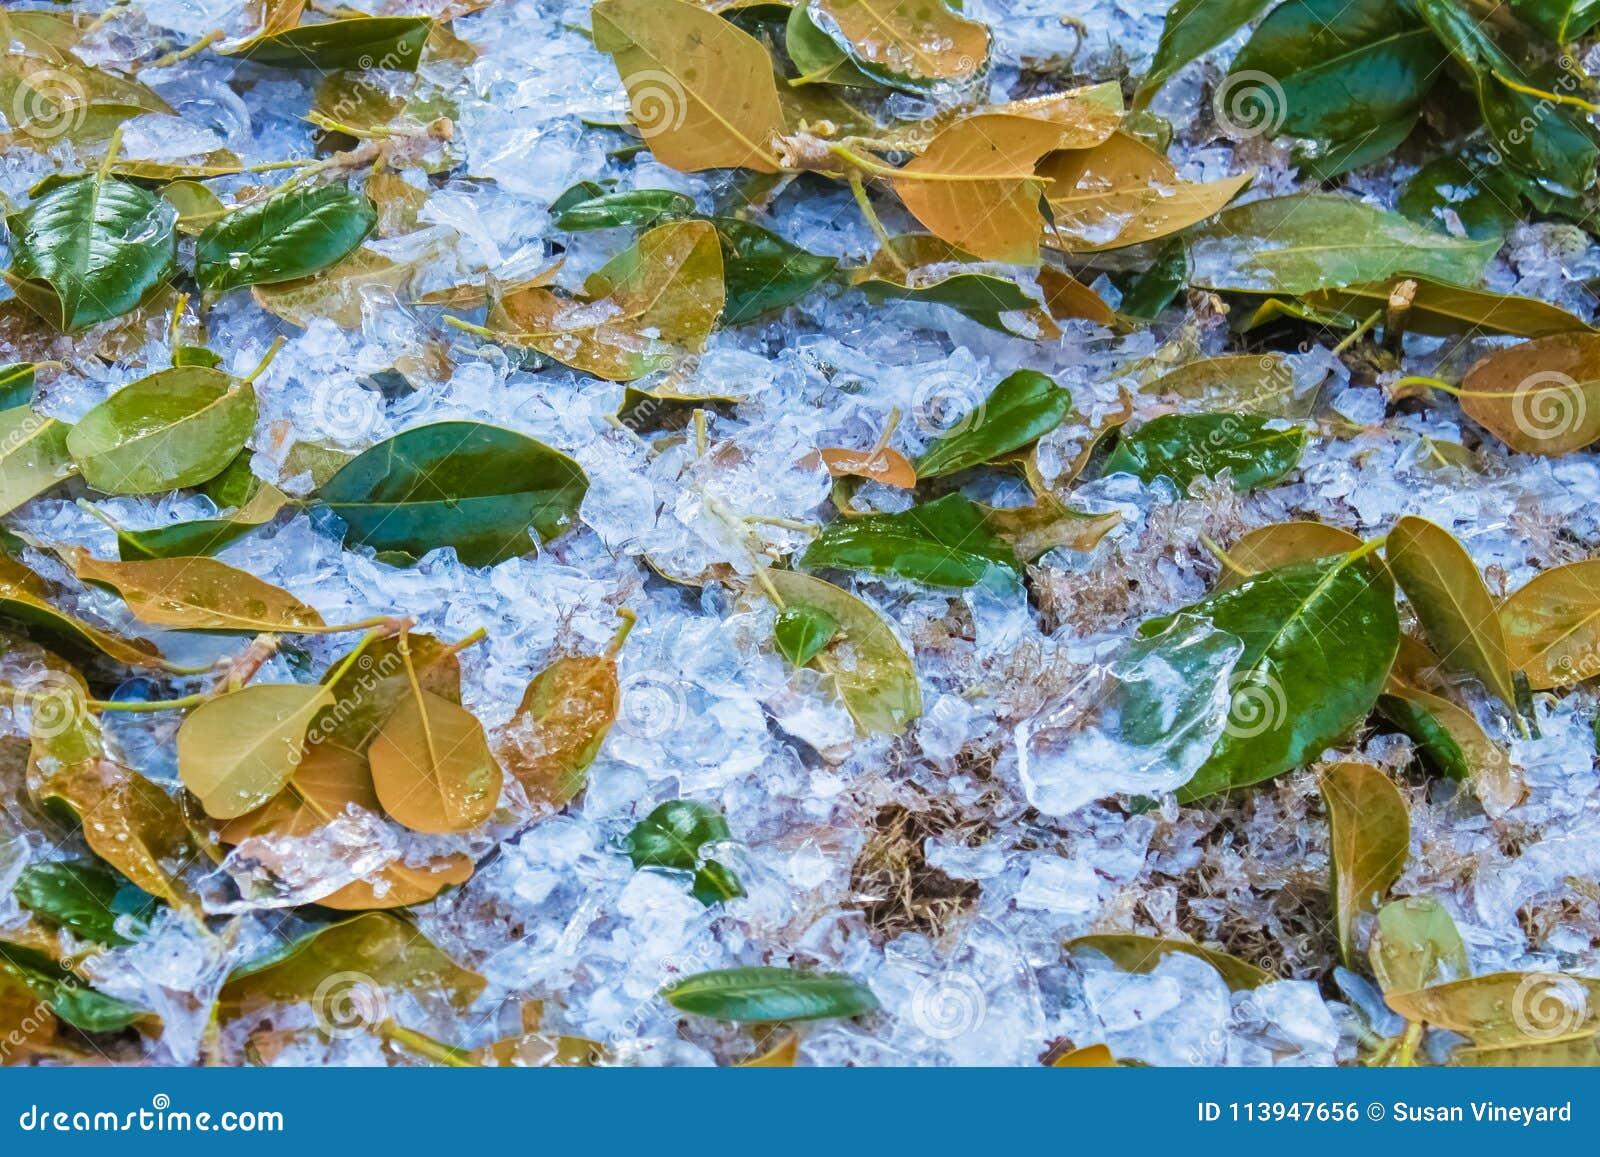 Grad na ziemi przeplecionej z zielonymi Magnoliowymi liśćmi ja pukał daleko drzewa